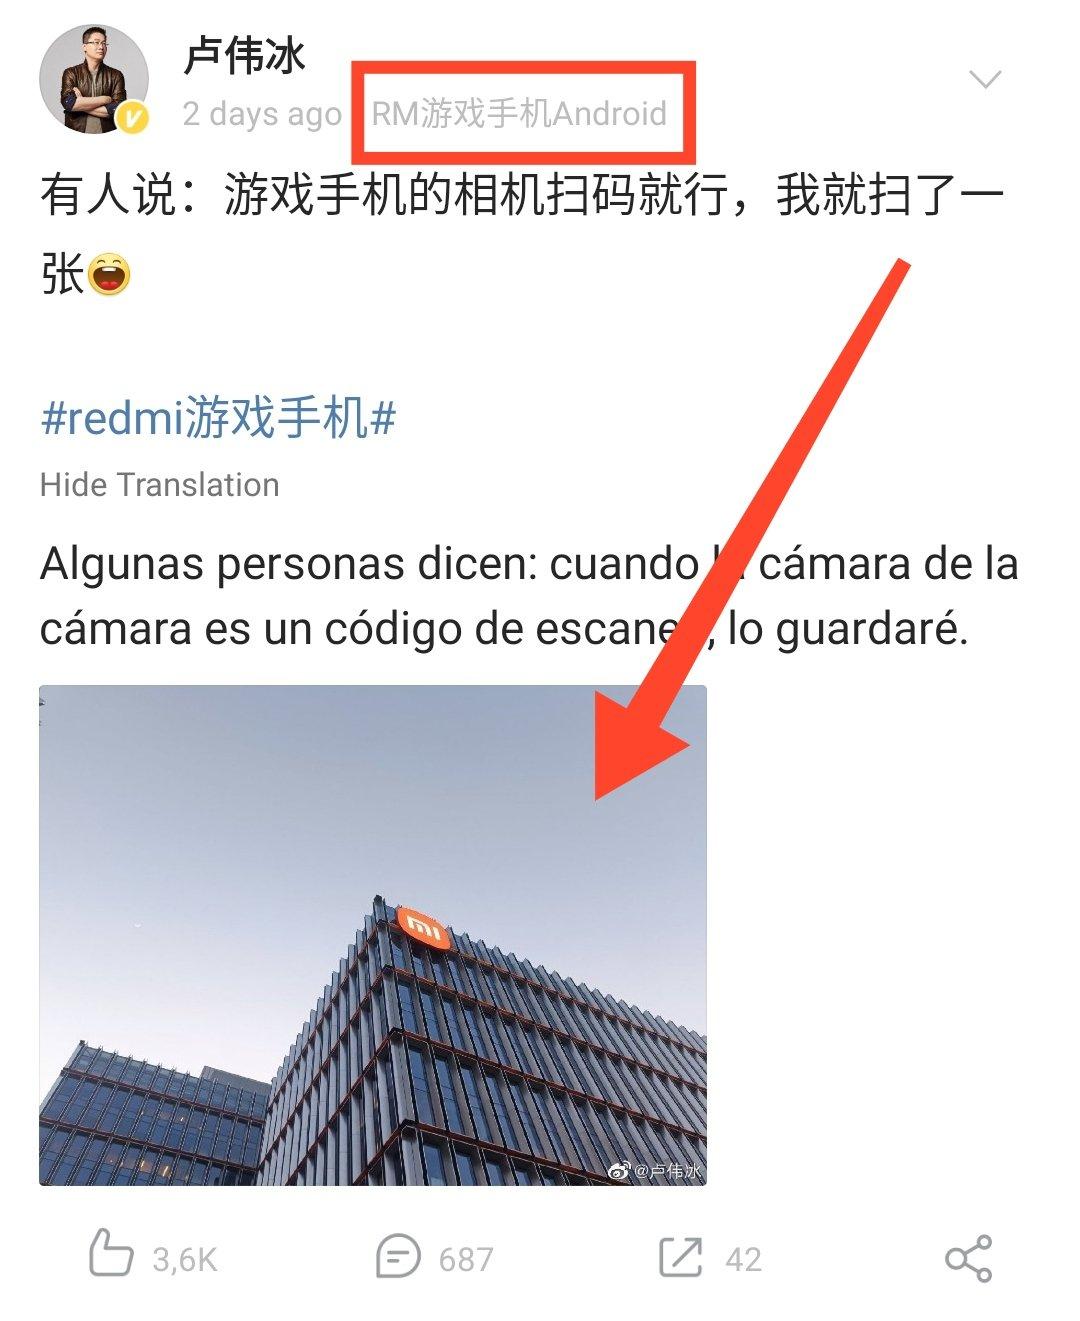 El móvil gaming de Redmi no solo destacará con su rendimiento en juegos. Noticias Xiaomi Adictos